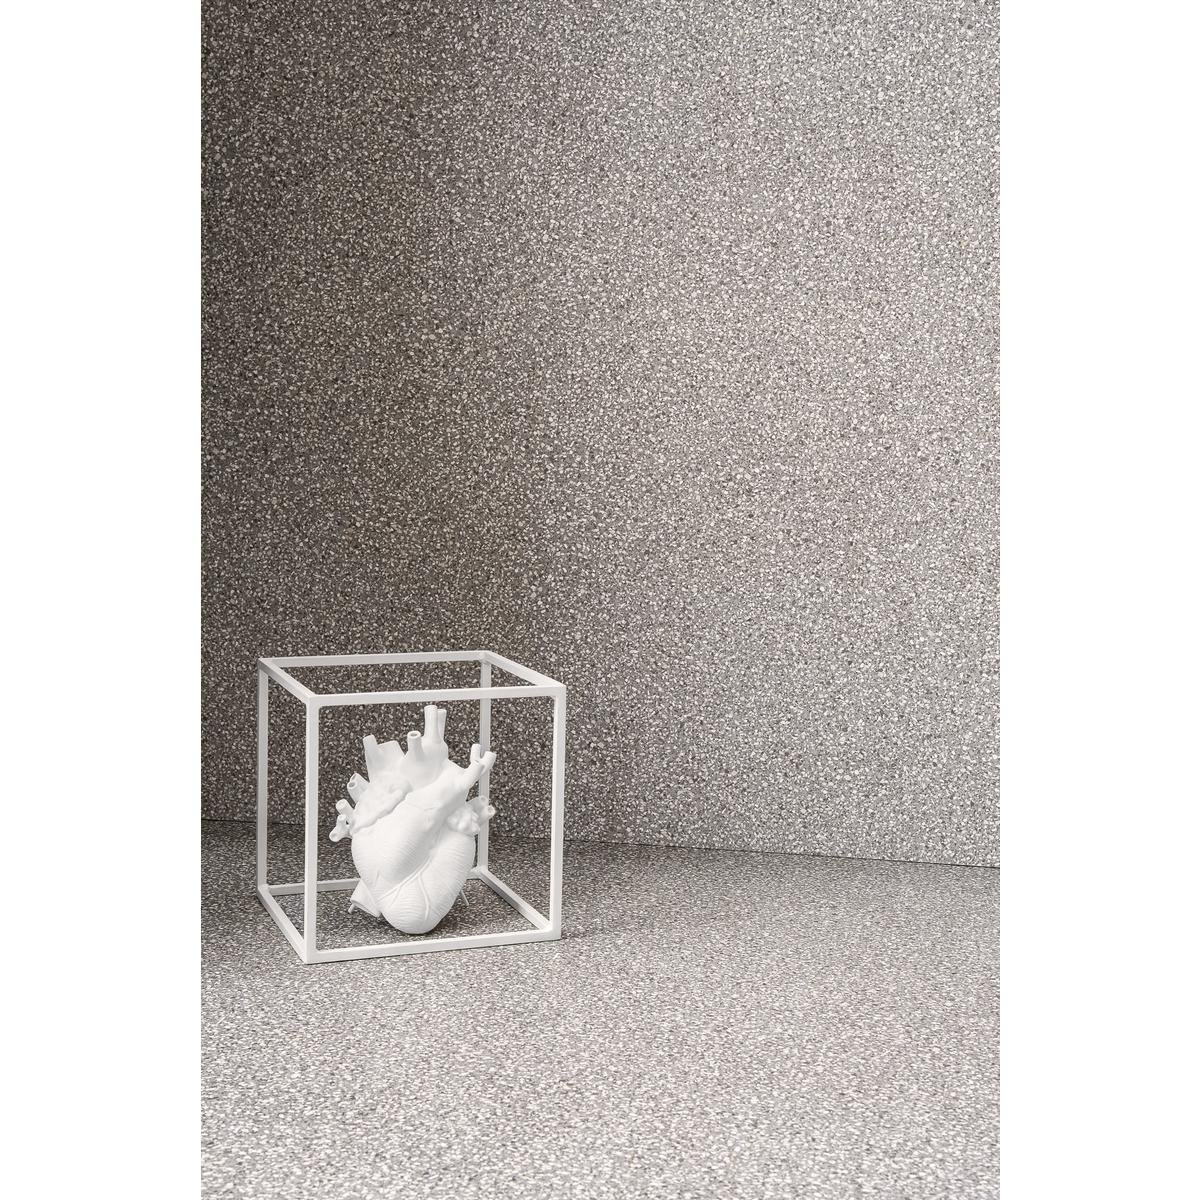 Tipi Di Marmo Grigio ceramica sant'agostino gres porcellanato effetto graniglia